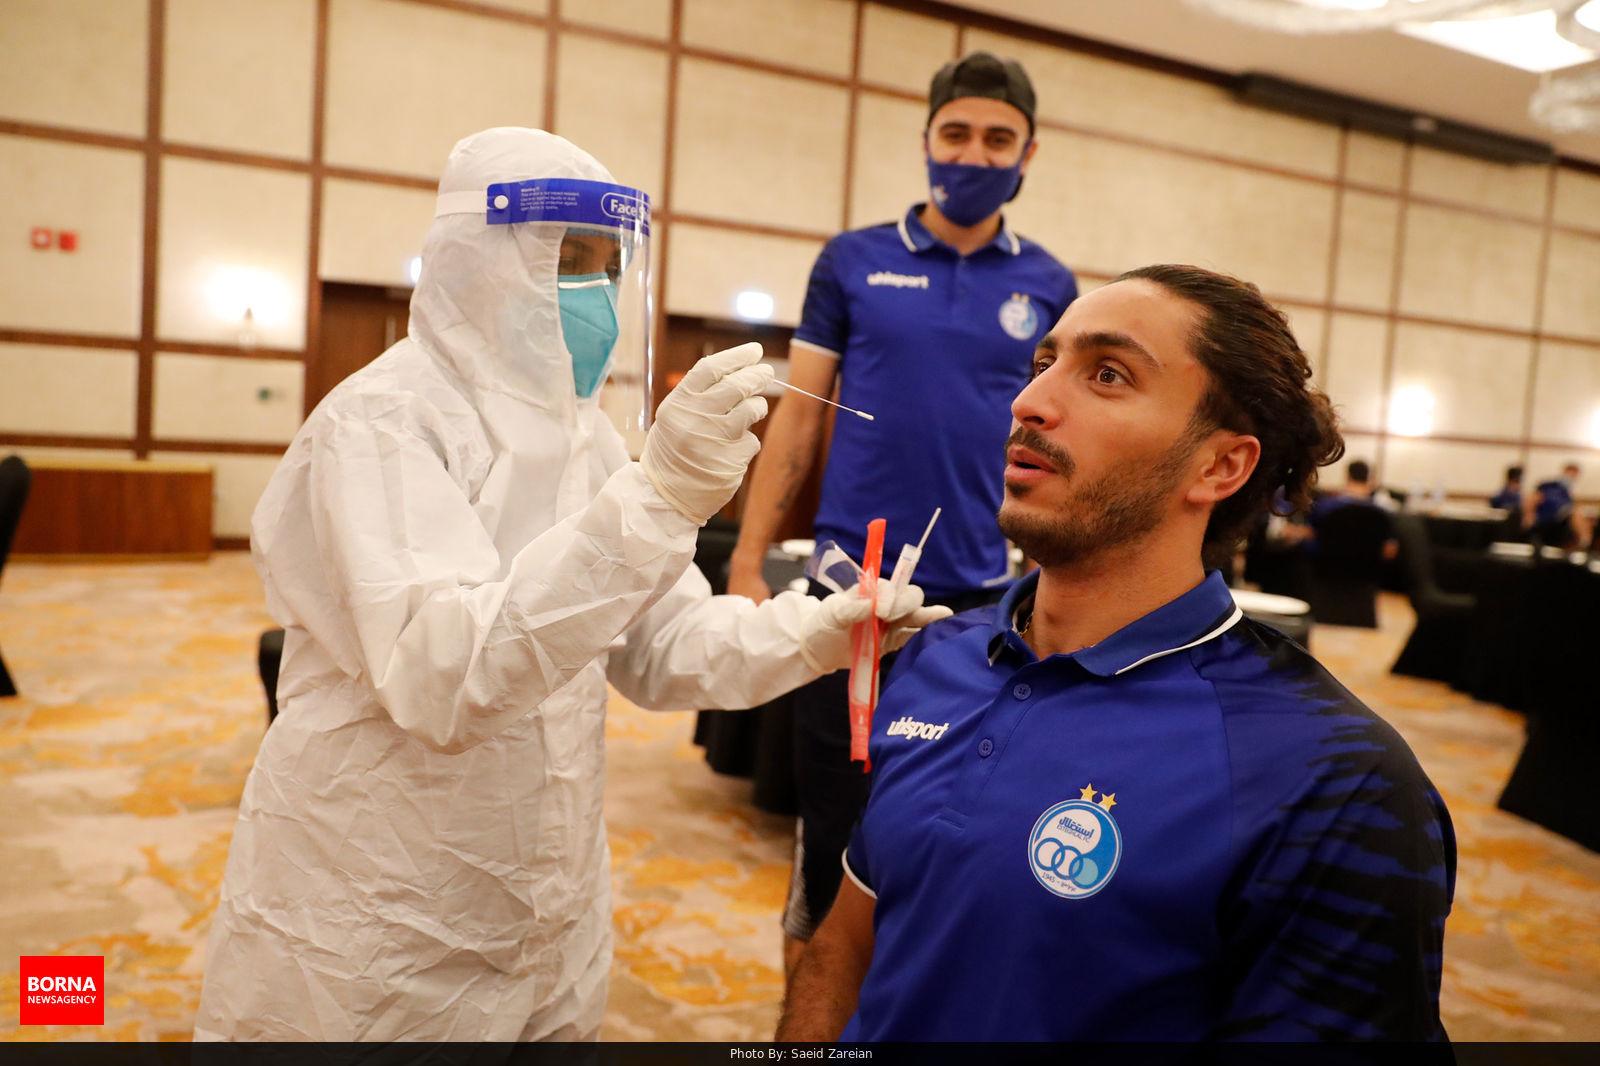 تست کرونای تیم استقلال در قطر + عکس